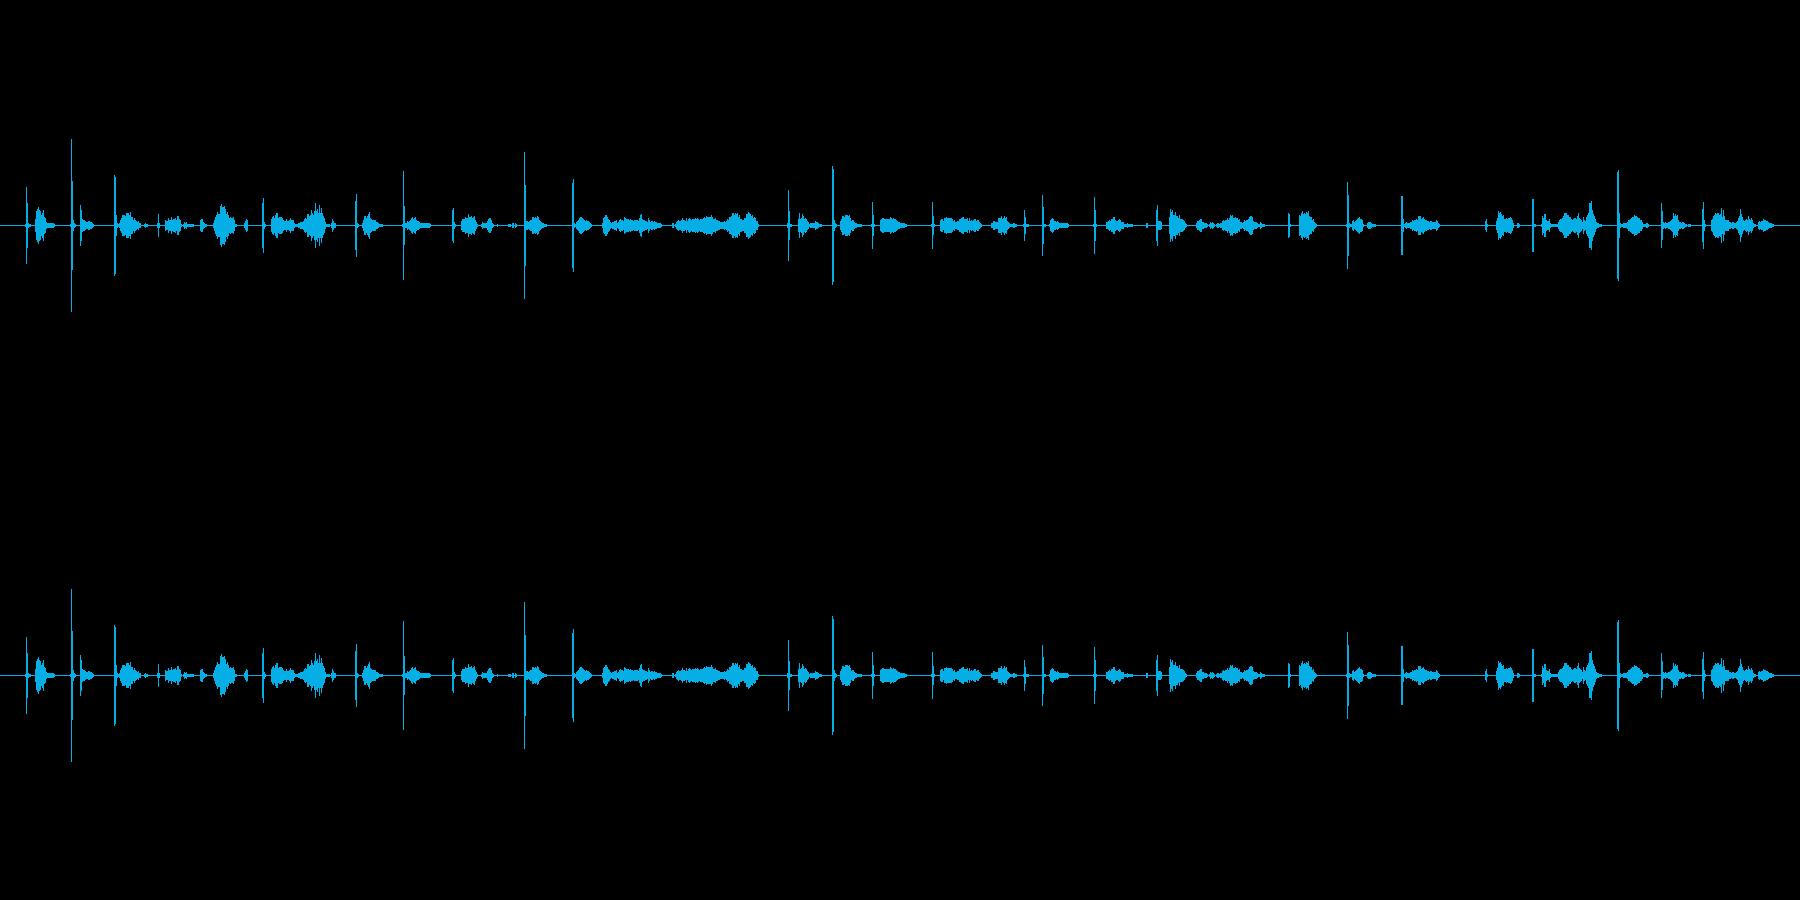 カッカー(鉛筆で文字を書く音)木の板Csの再生済みの波形